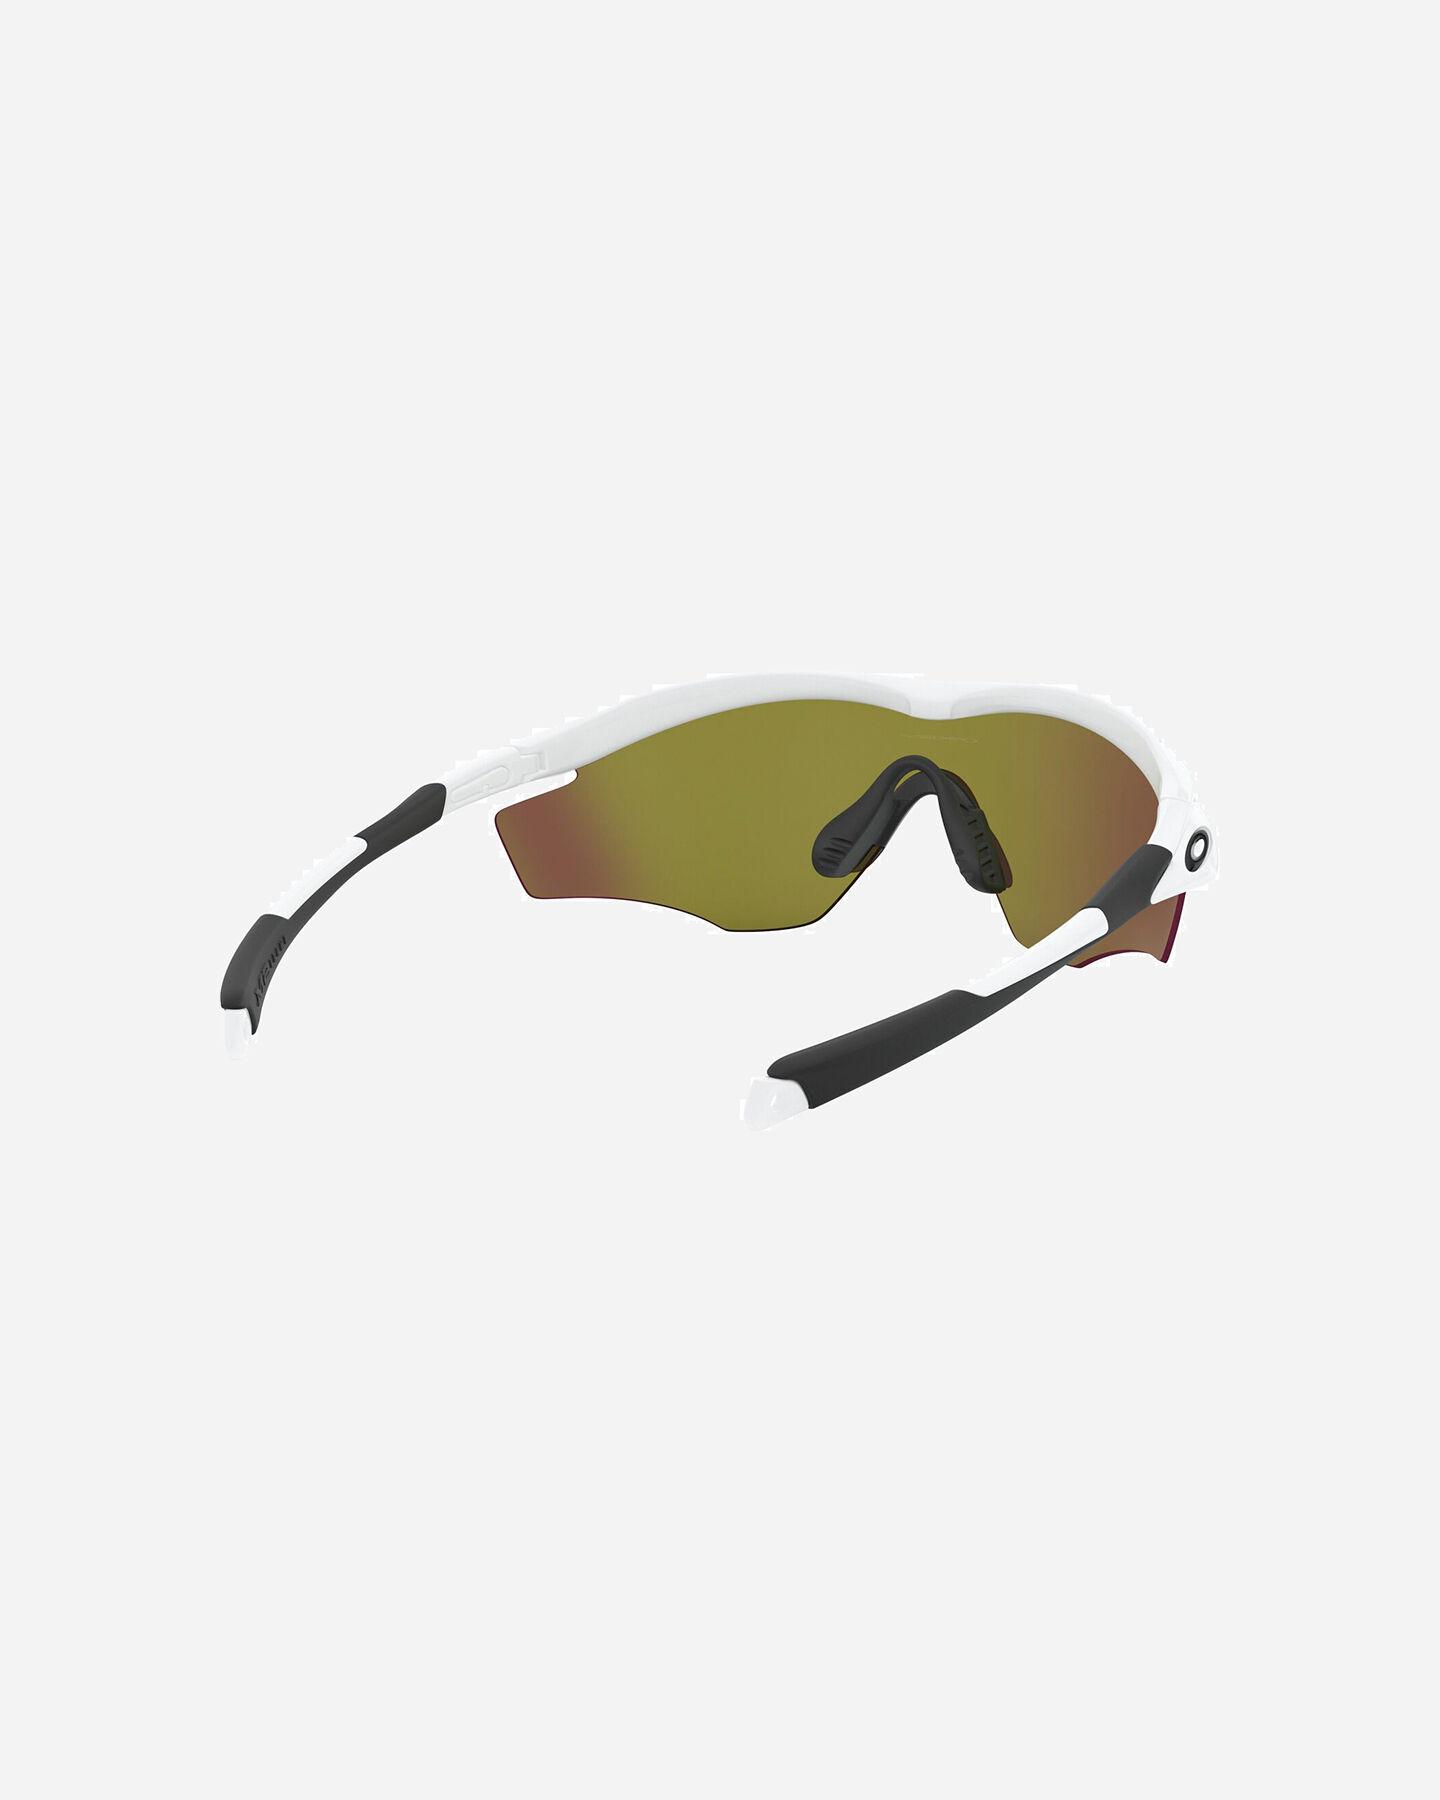 Occhiali OAKLEY M2 FRAME XL S1313248|9999|UNI scatto 2